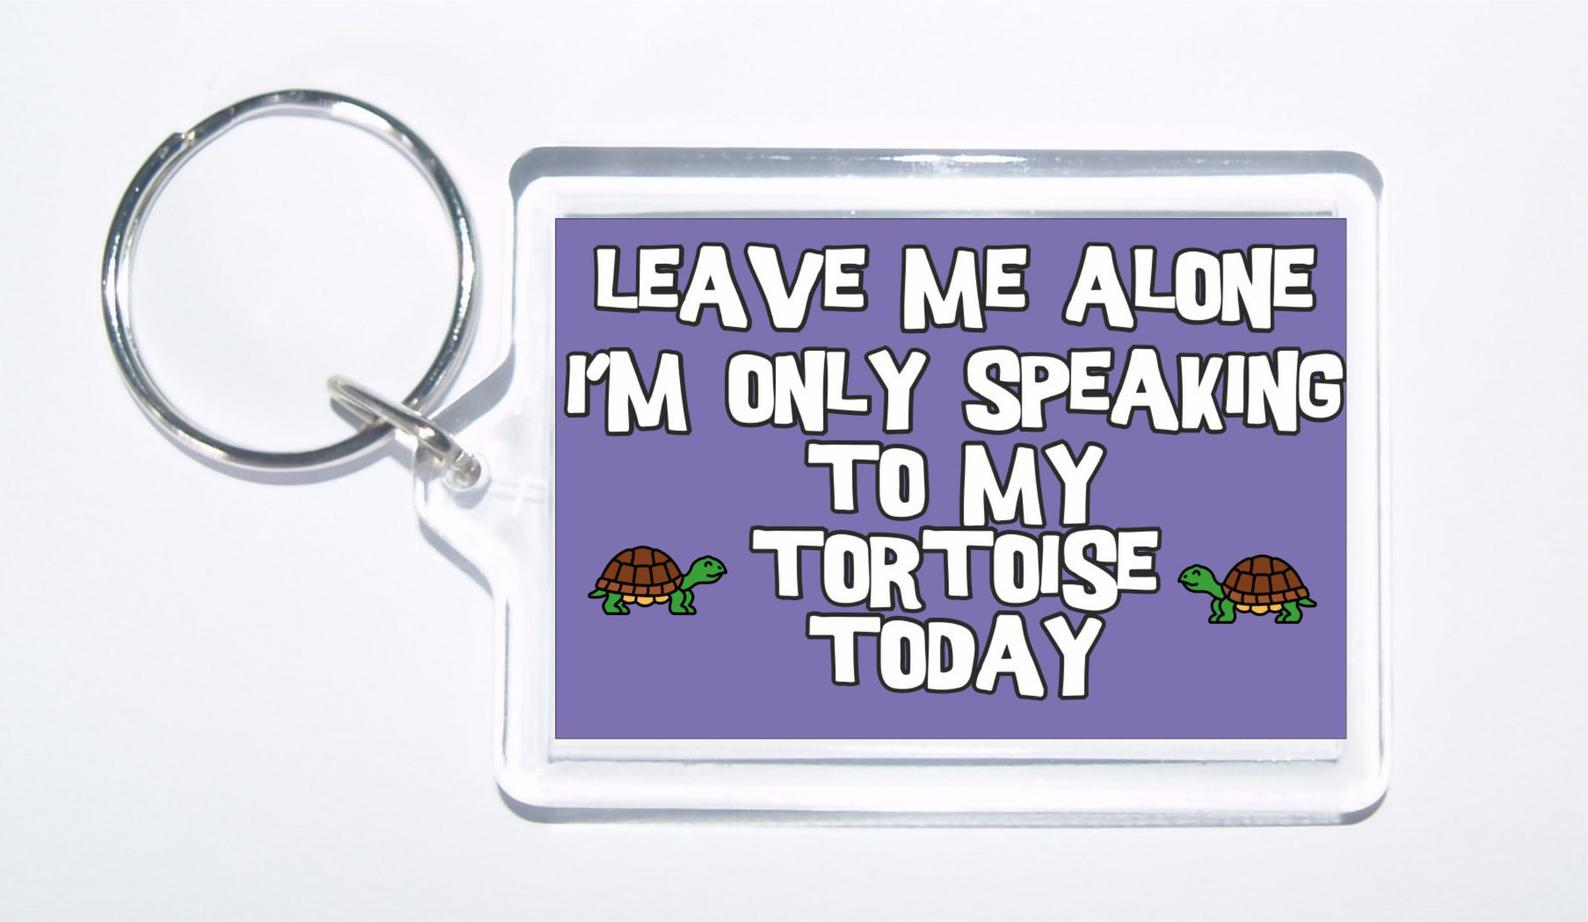 Tortoise slogan novelty keyring -